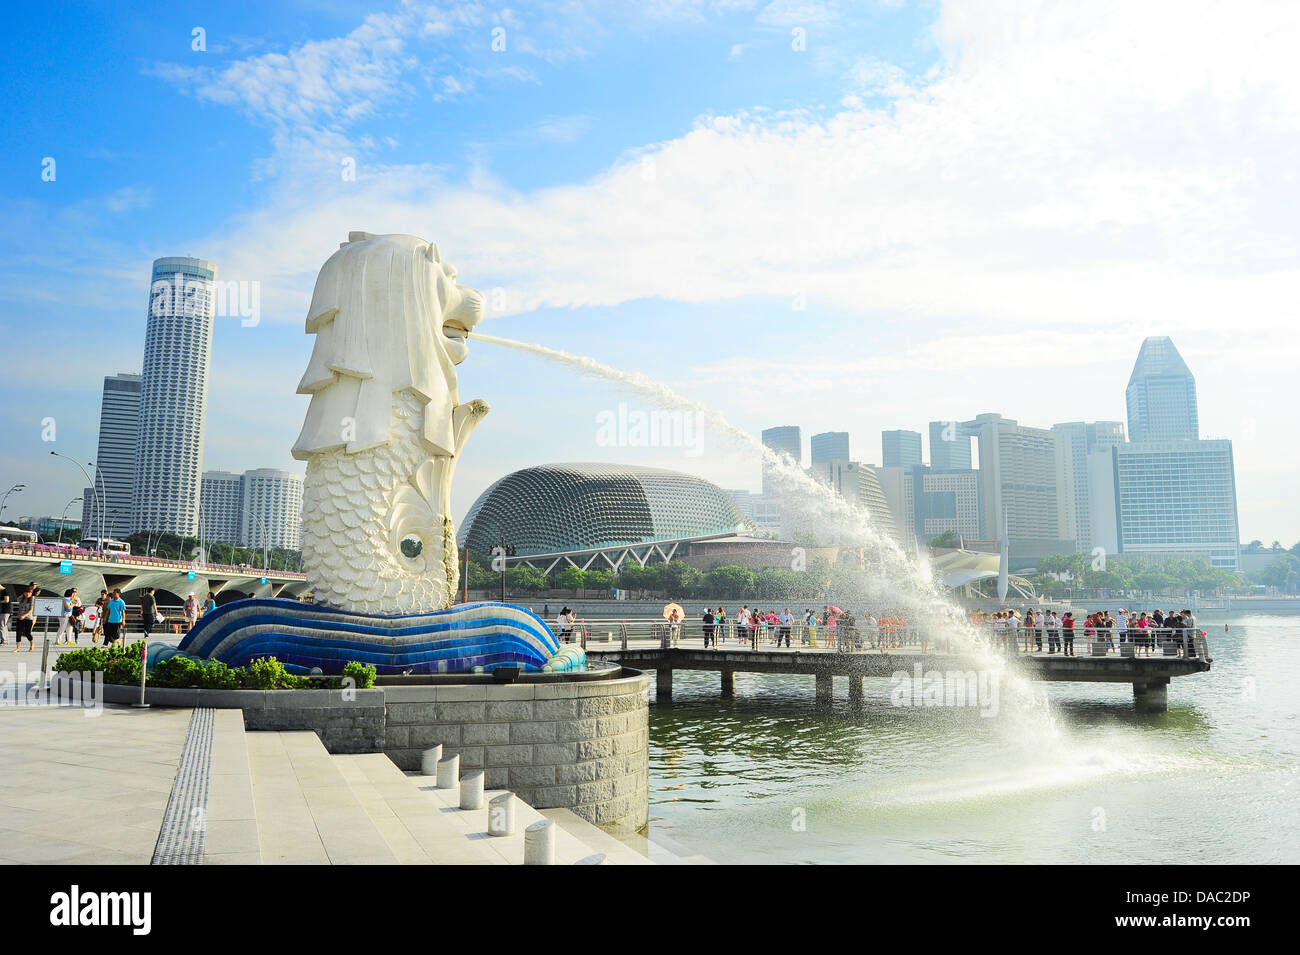 Les touristes à la fontaine en face de Merlion Esplanade Theatres on the Bay à Singapour Banque D'Images